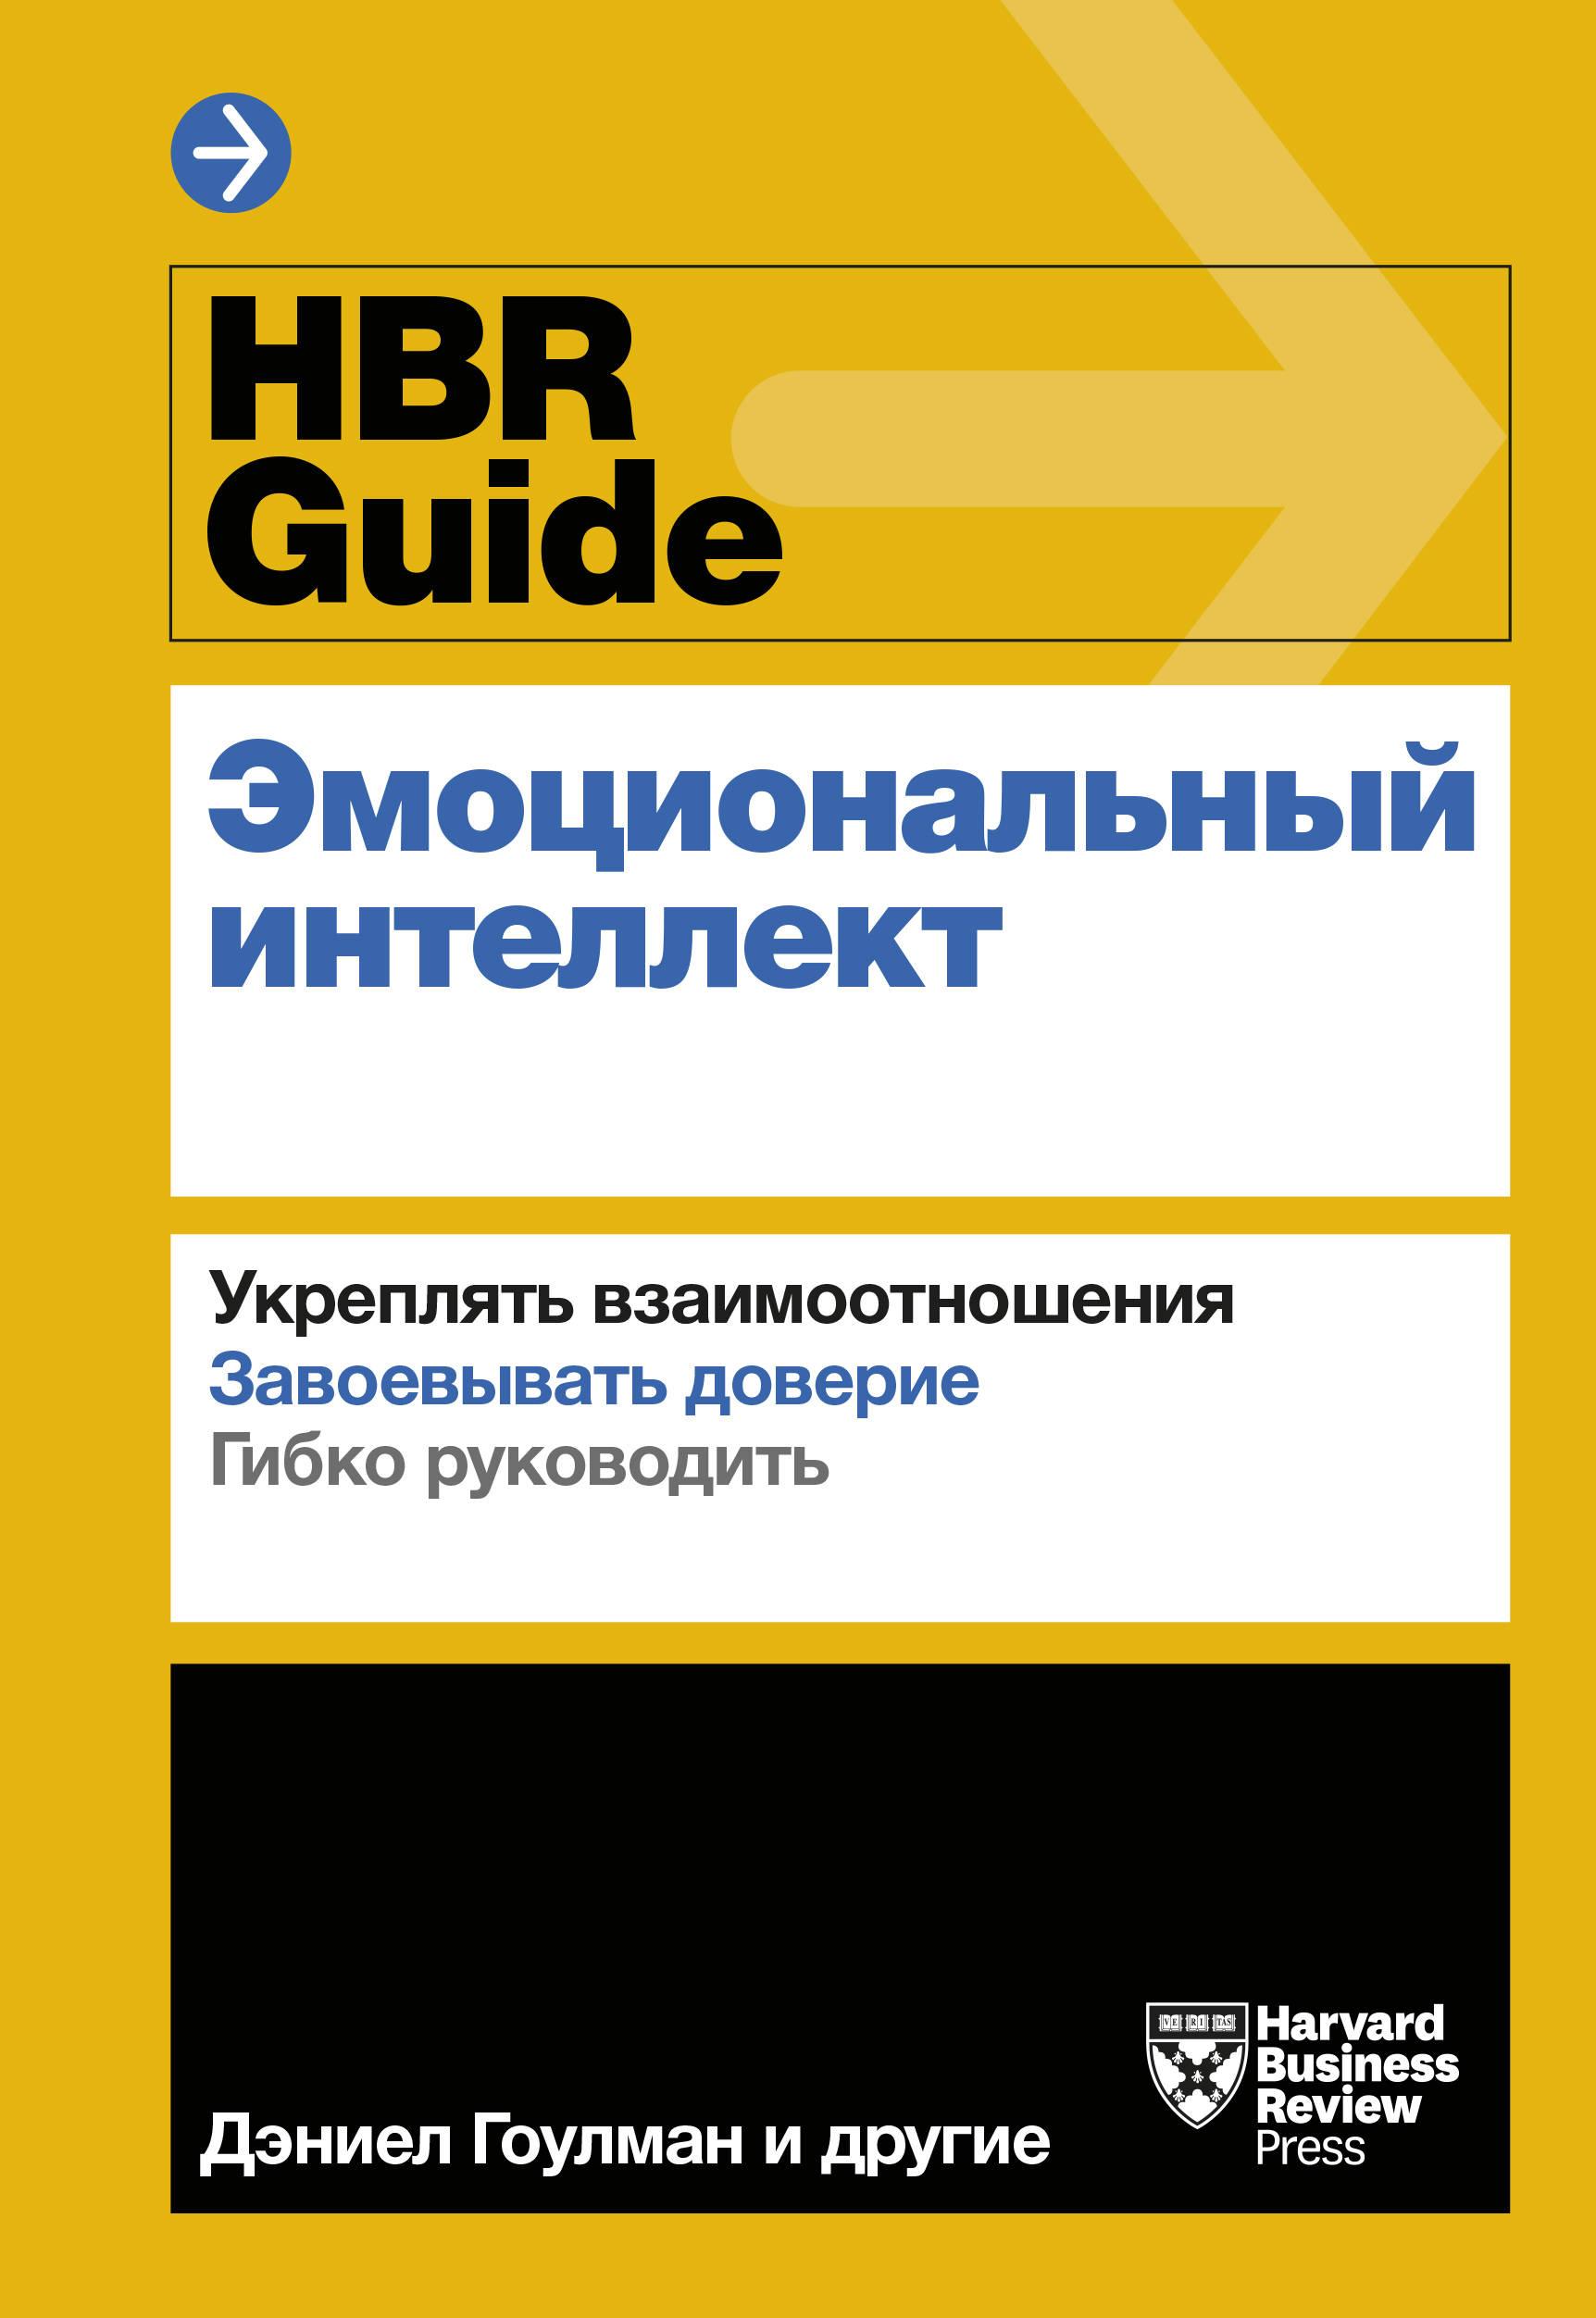 HBR Guide. Emotsionalnyj intellekt